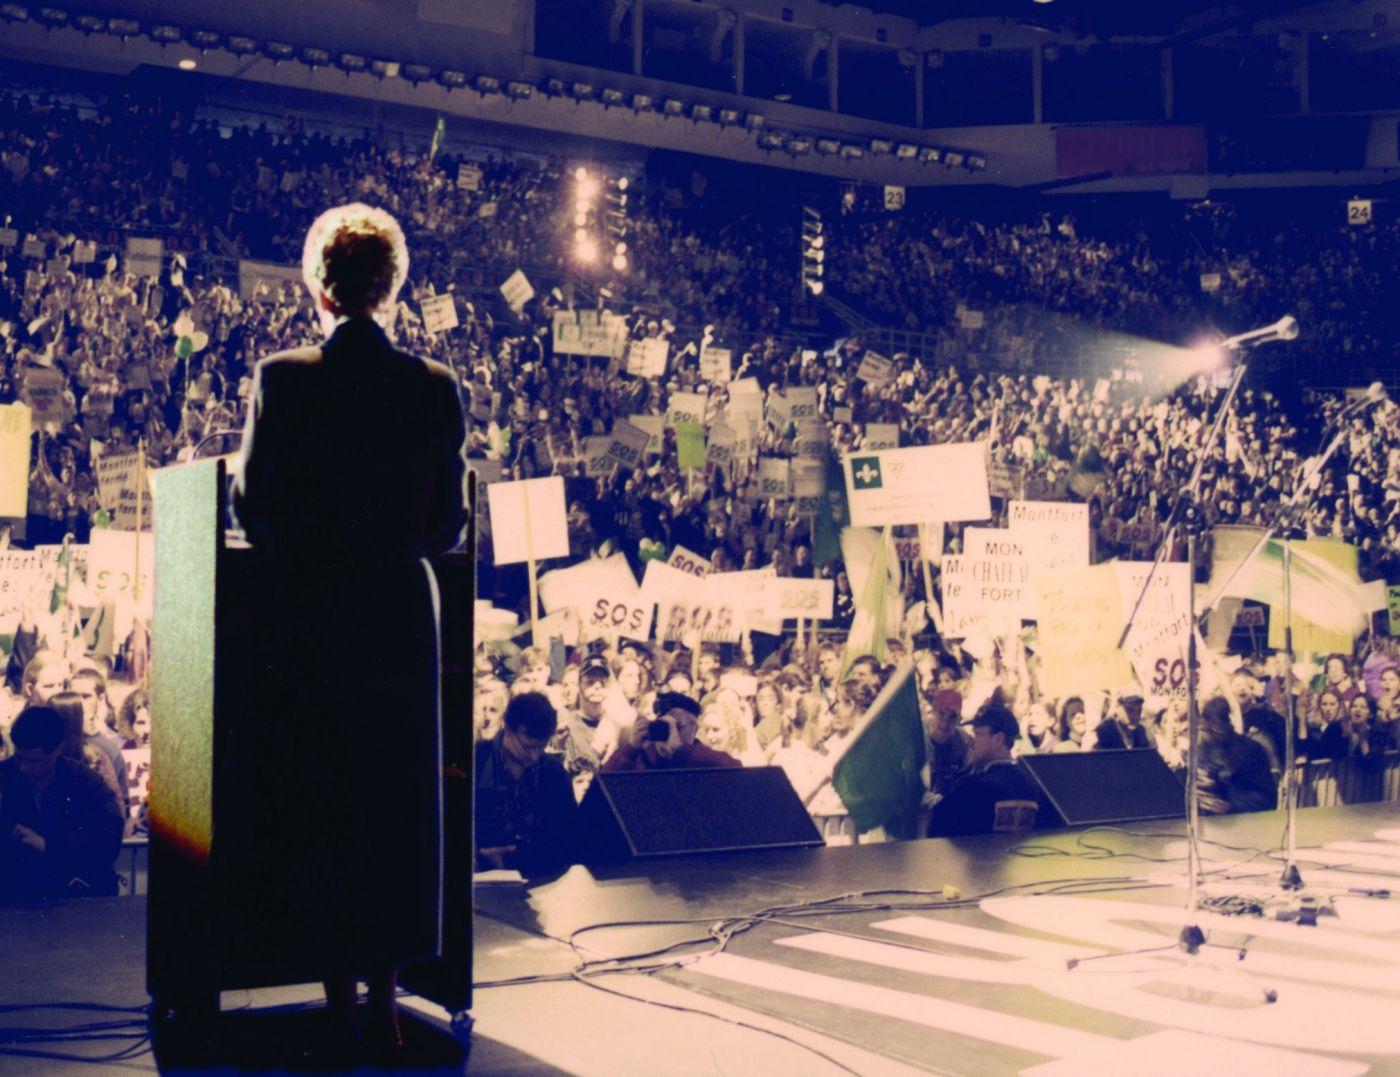 Photographie en couleur d'une femme vue de dos, debout sur une scène. Elle s'adresse au microphone à une foule dans un stade. Des gens brandissent des pancartes portant le slogan « S.O.S. Montfort ».